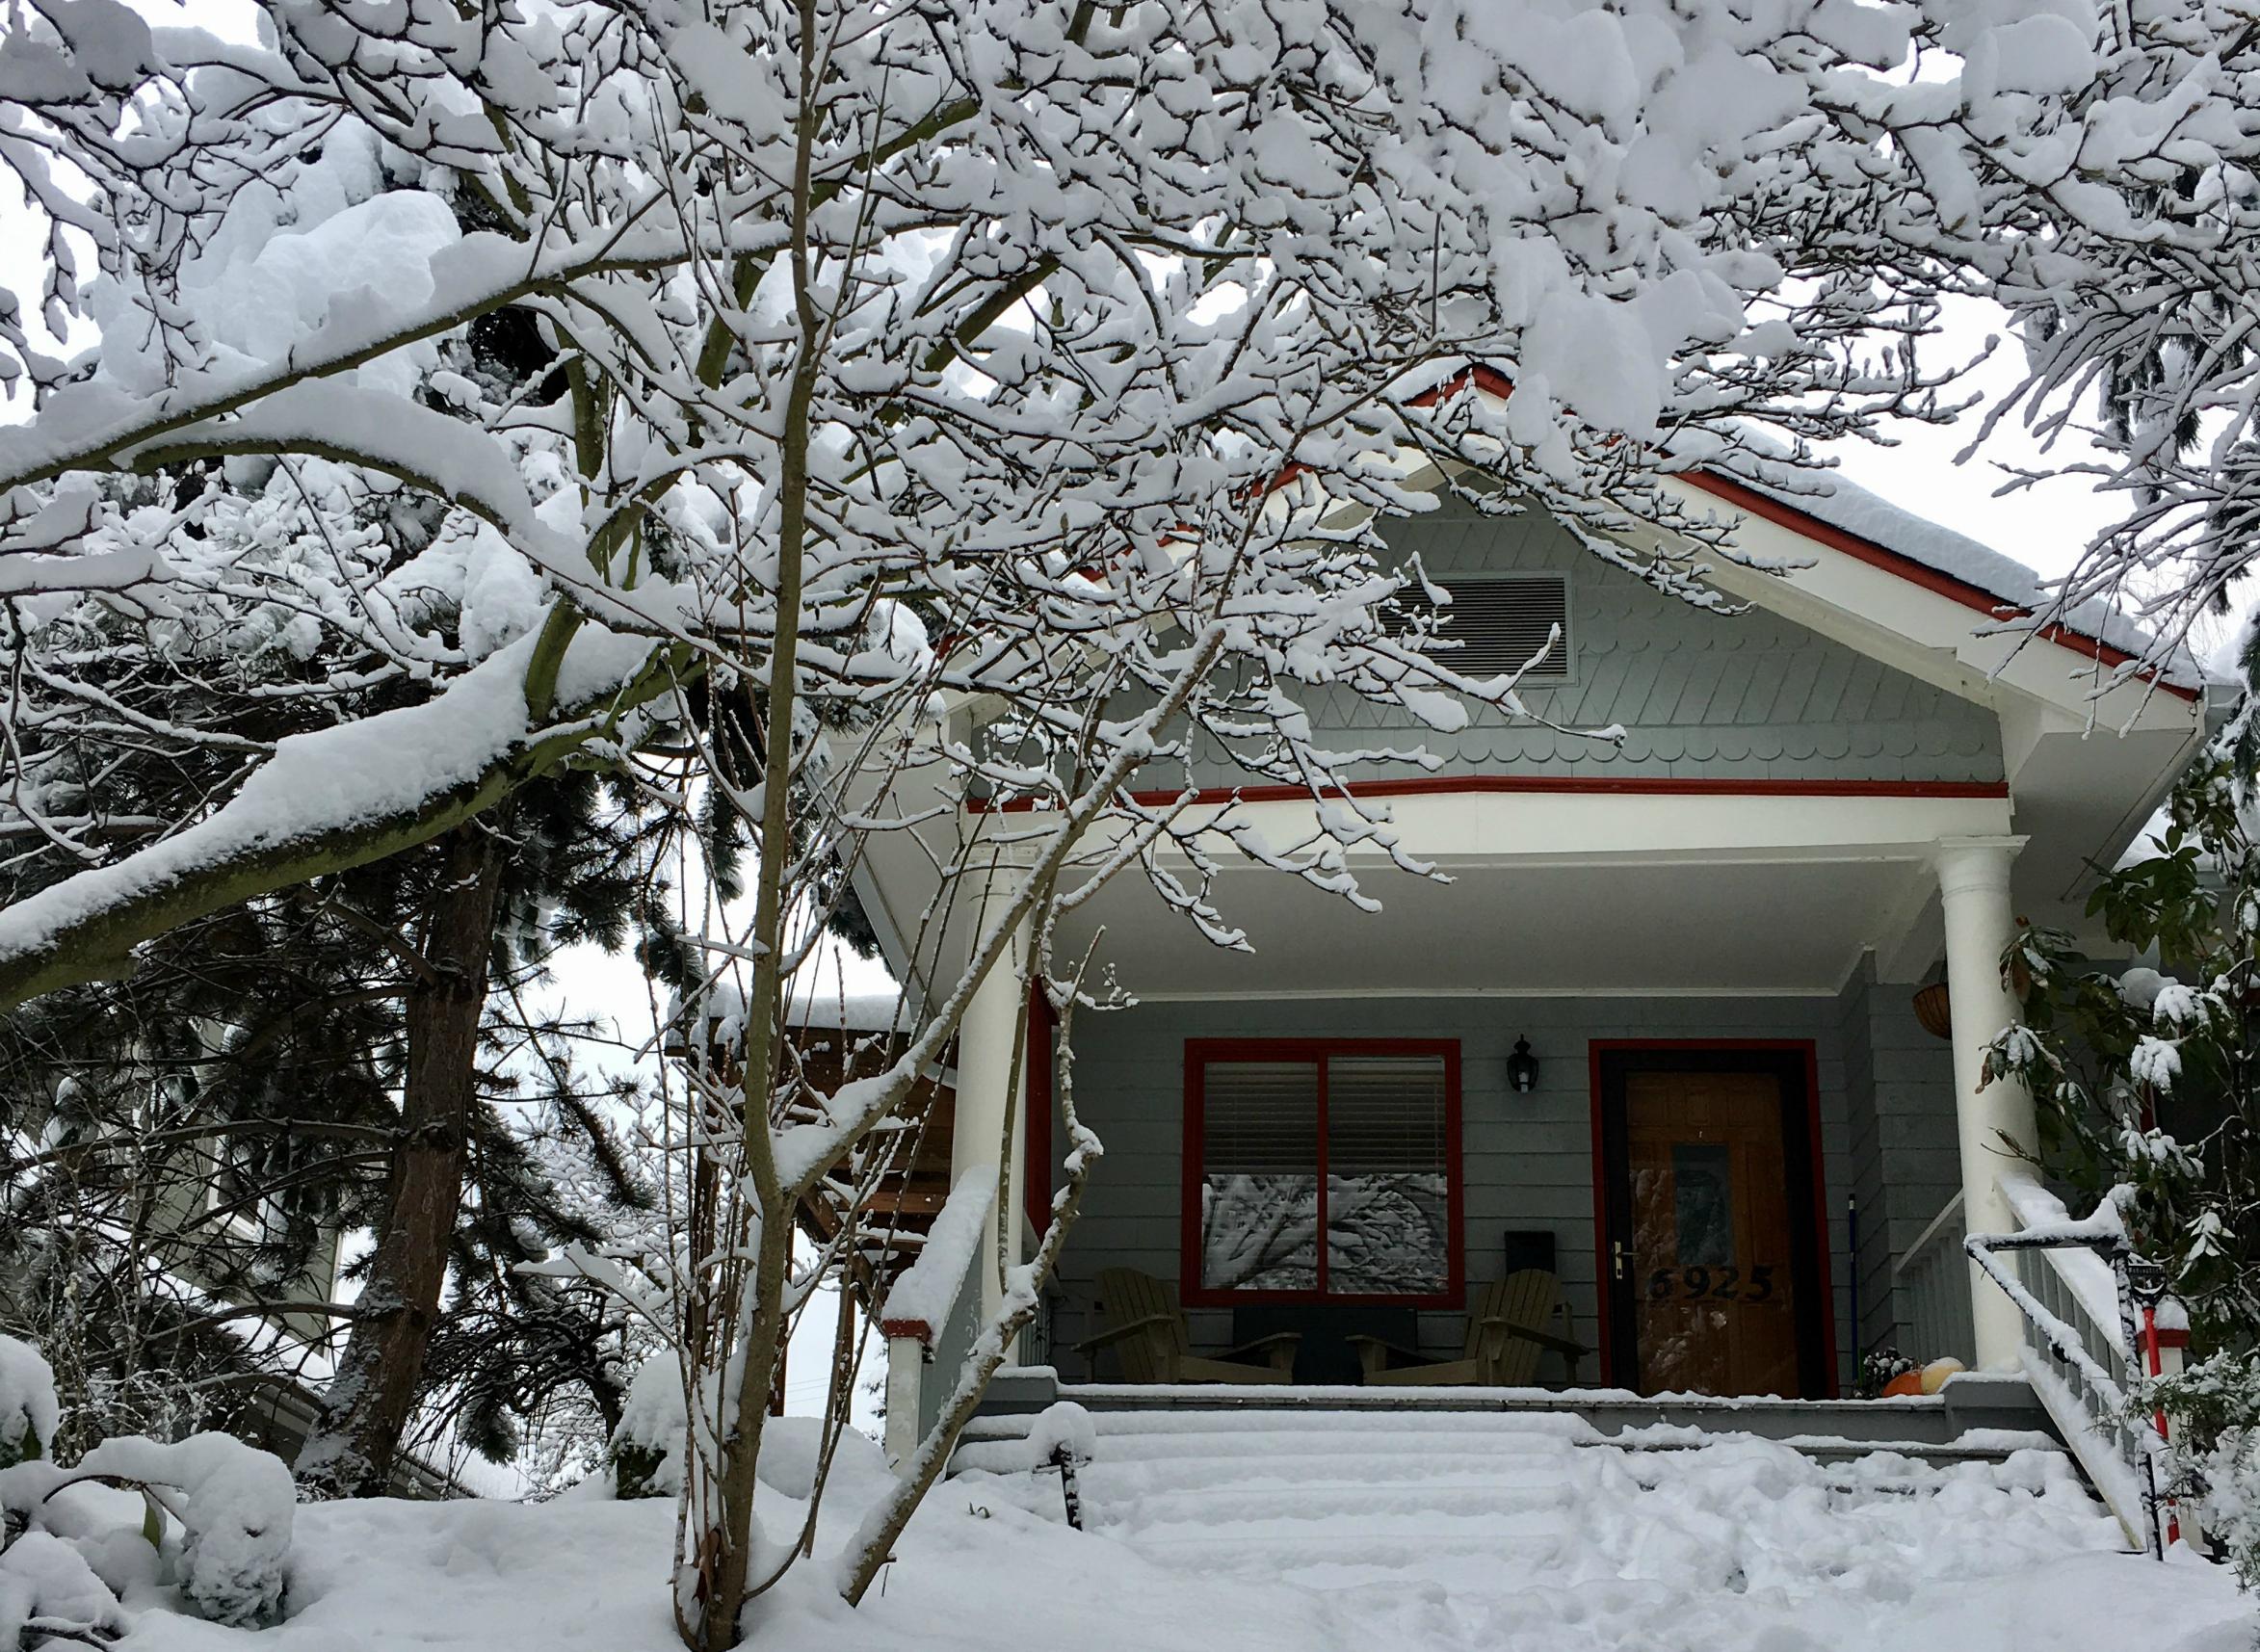 snowy-house.jpg